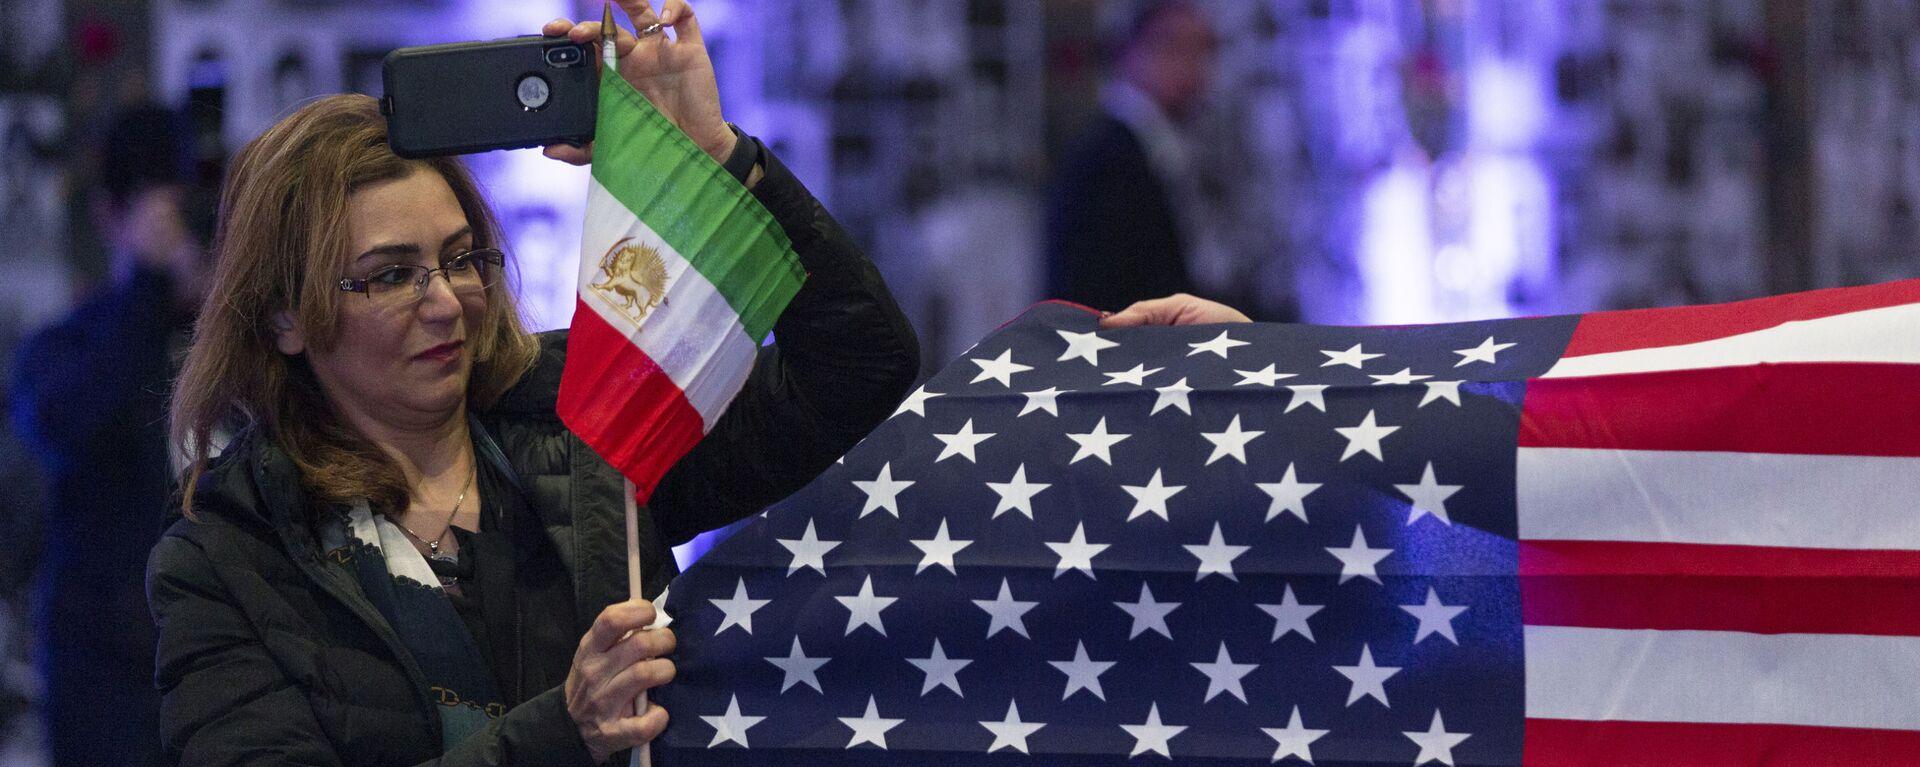 Banderas de EEUU e Irán - Sputnik Mundo, 1920, 07.04.2021